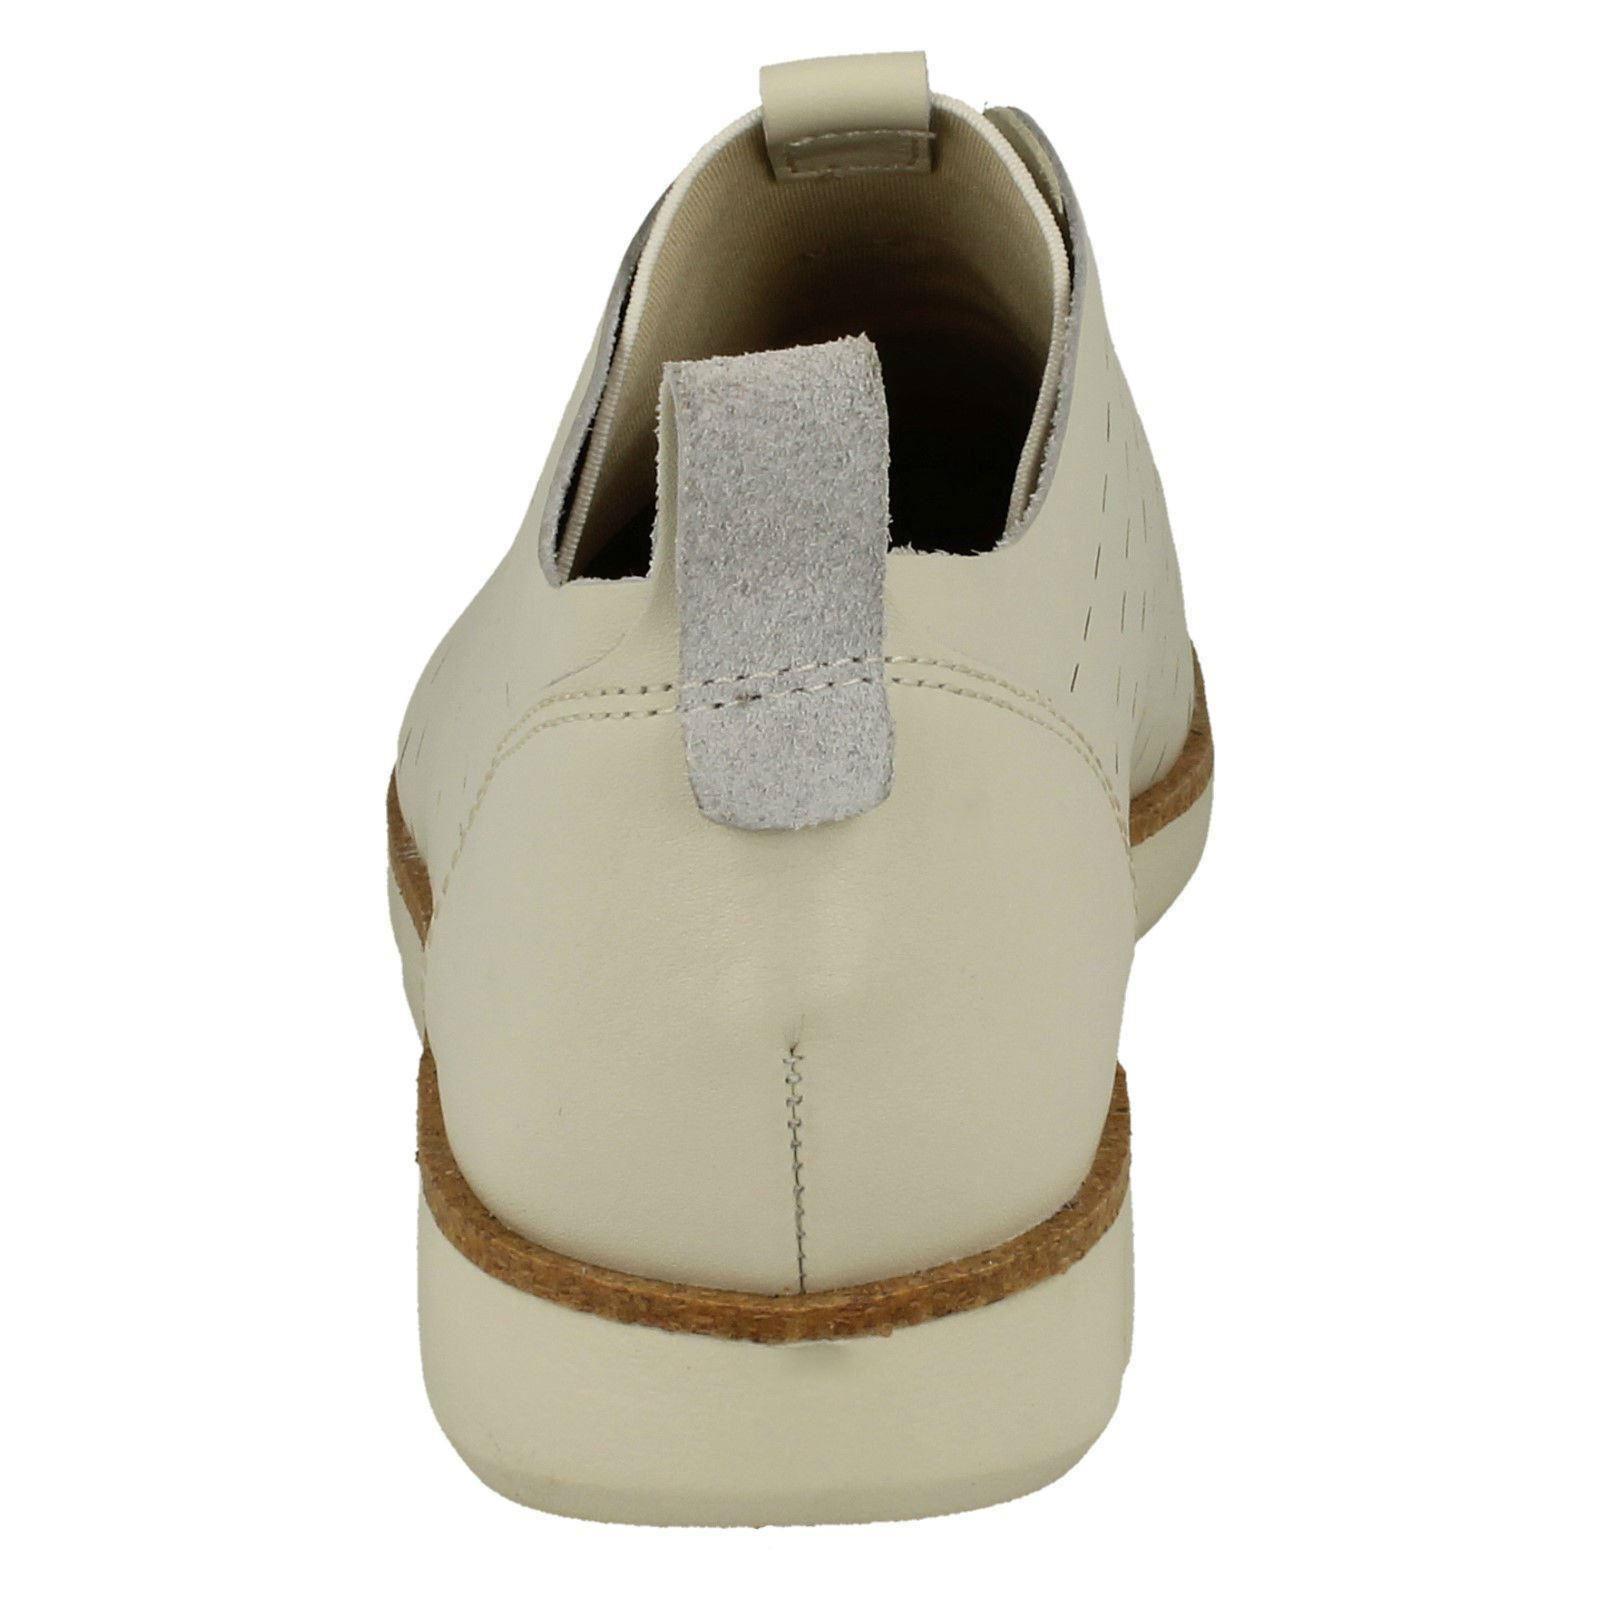 'tri damas Clarks blanco Calzado casual cordones para Etch' con xwqnxYtf8X